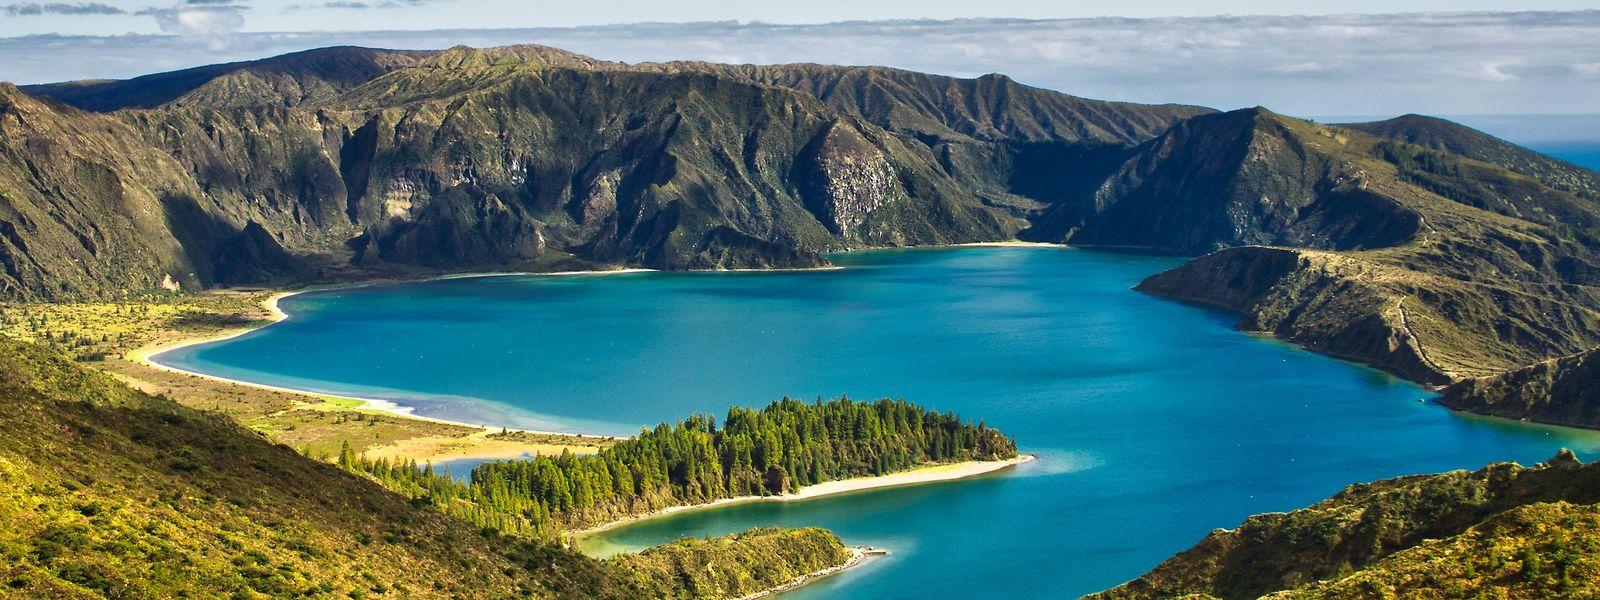 Açores foram distinguidos como o Melhor Destino de Turismo de Aventura.